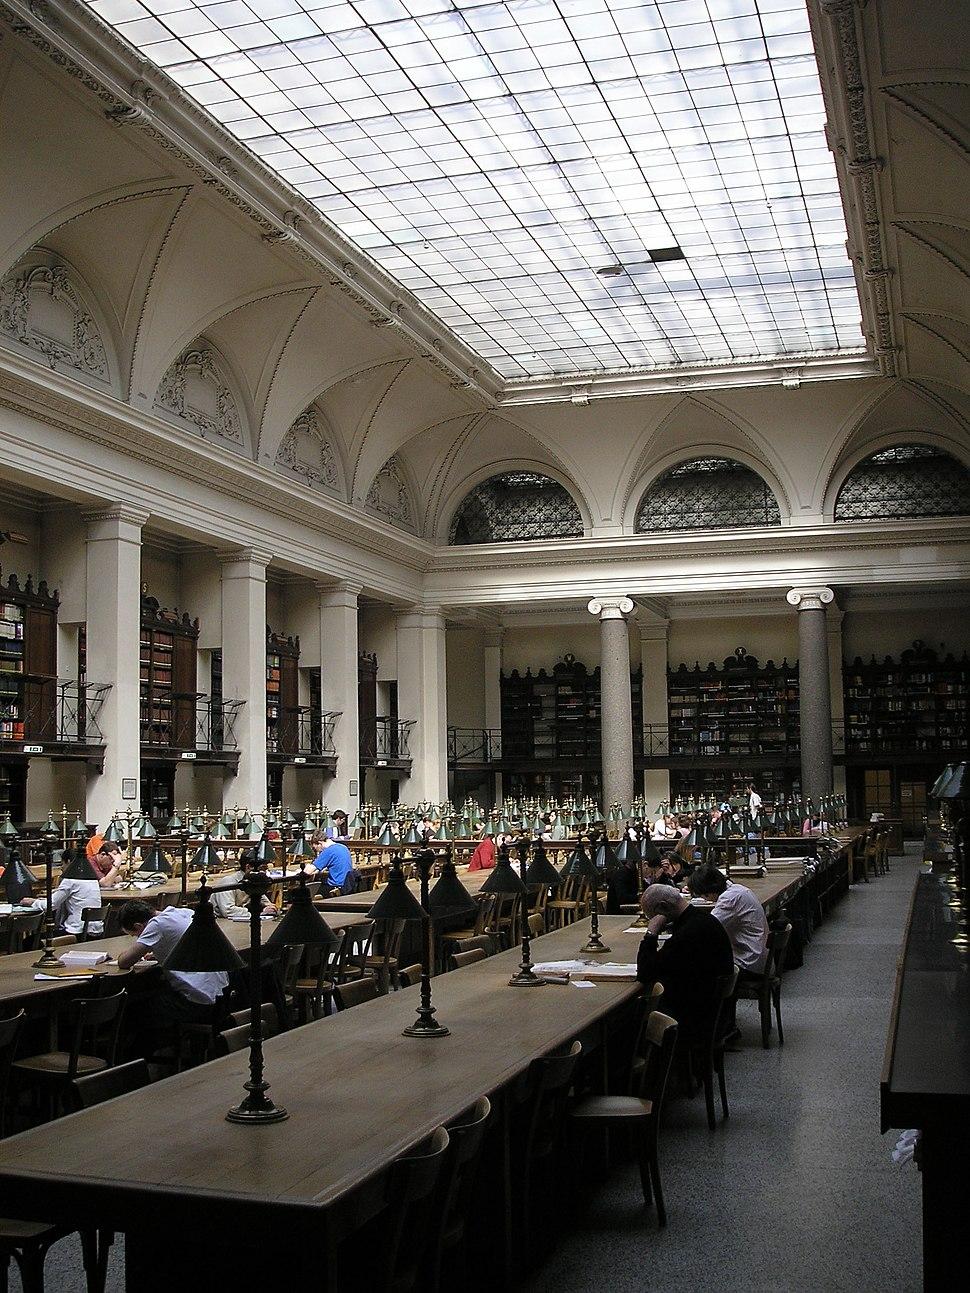 Uni Wien Bibliothek, Vienna 2